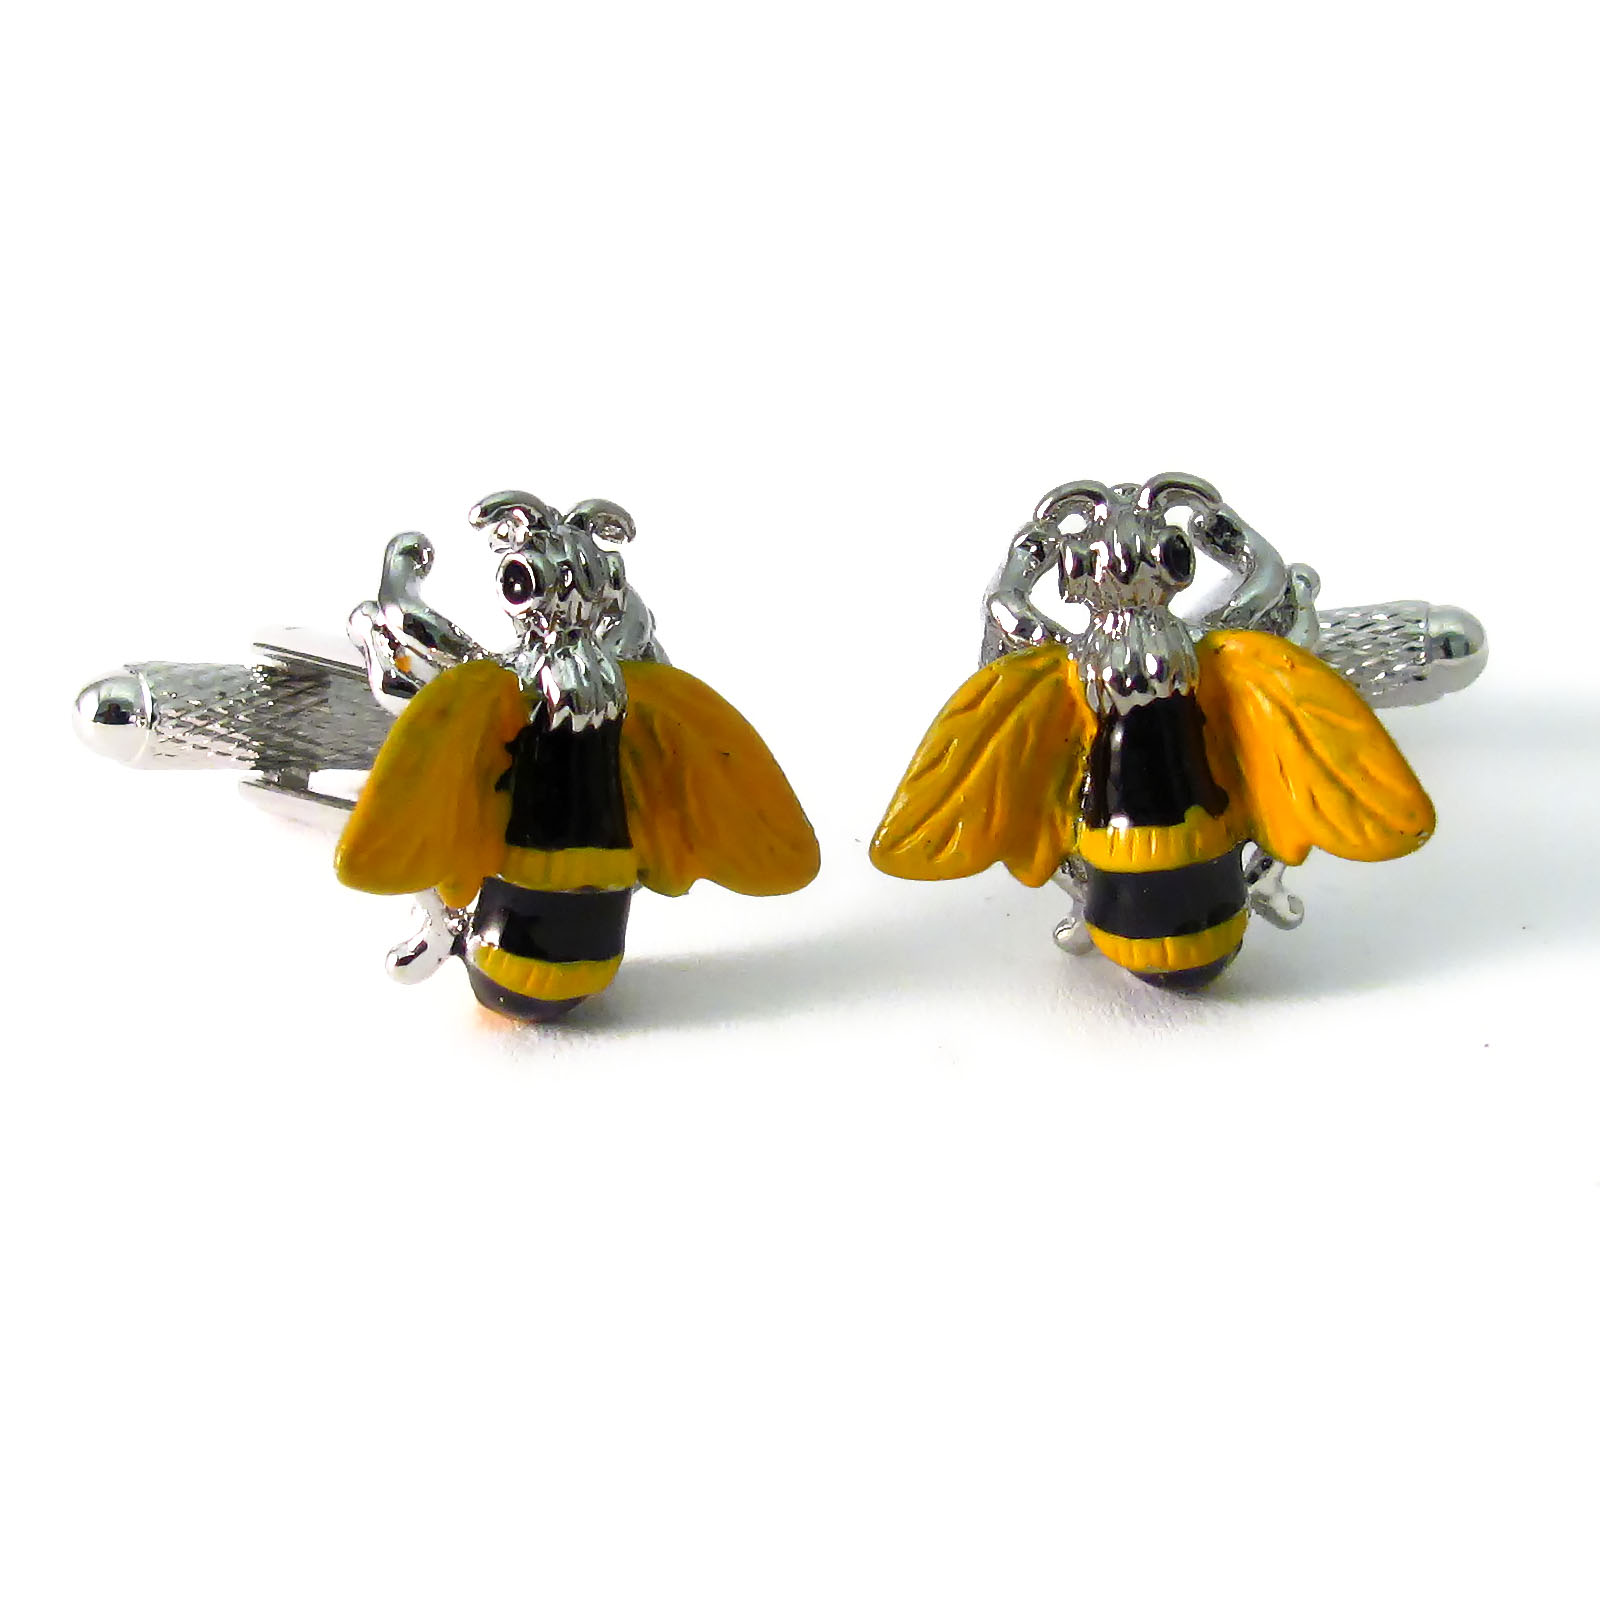 Onyx Art Novelty Men Cufflinks Bumble Bee Design